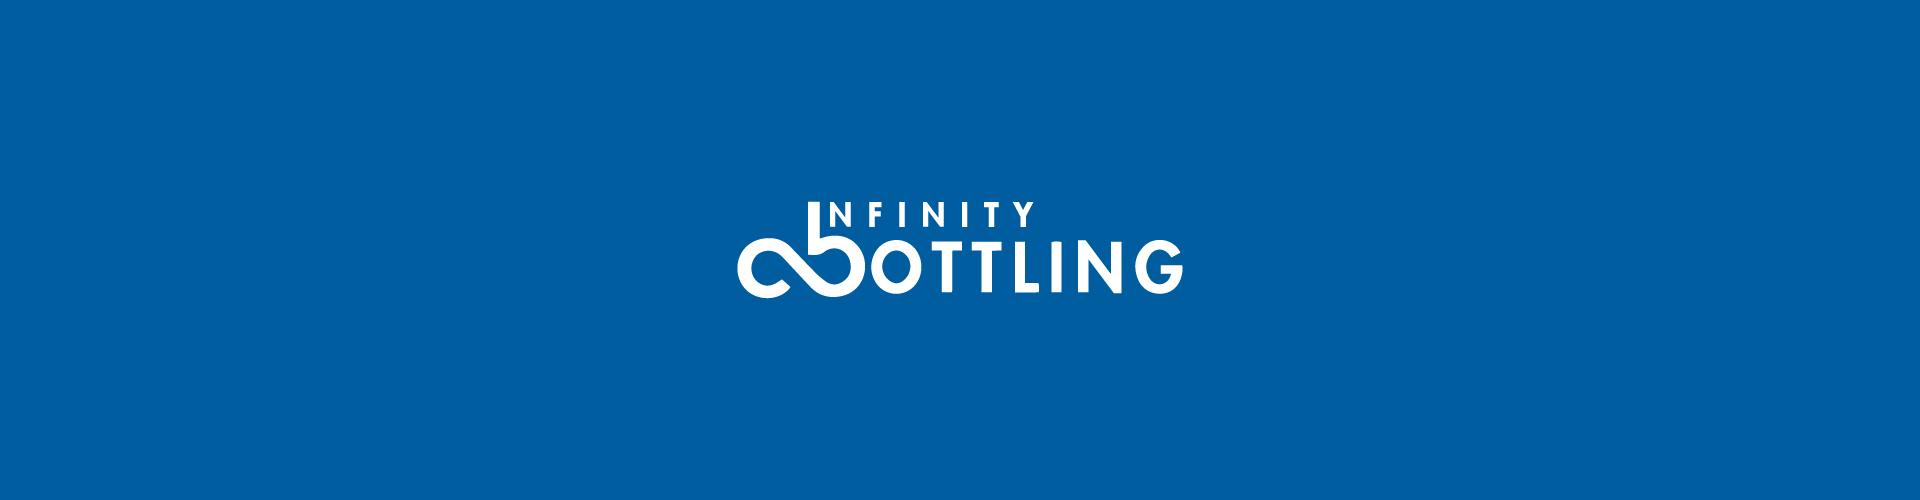 INFINITY-BOTTLING